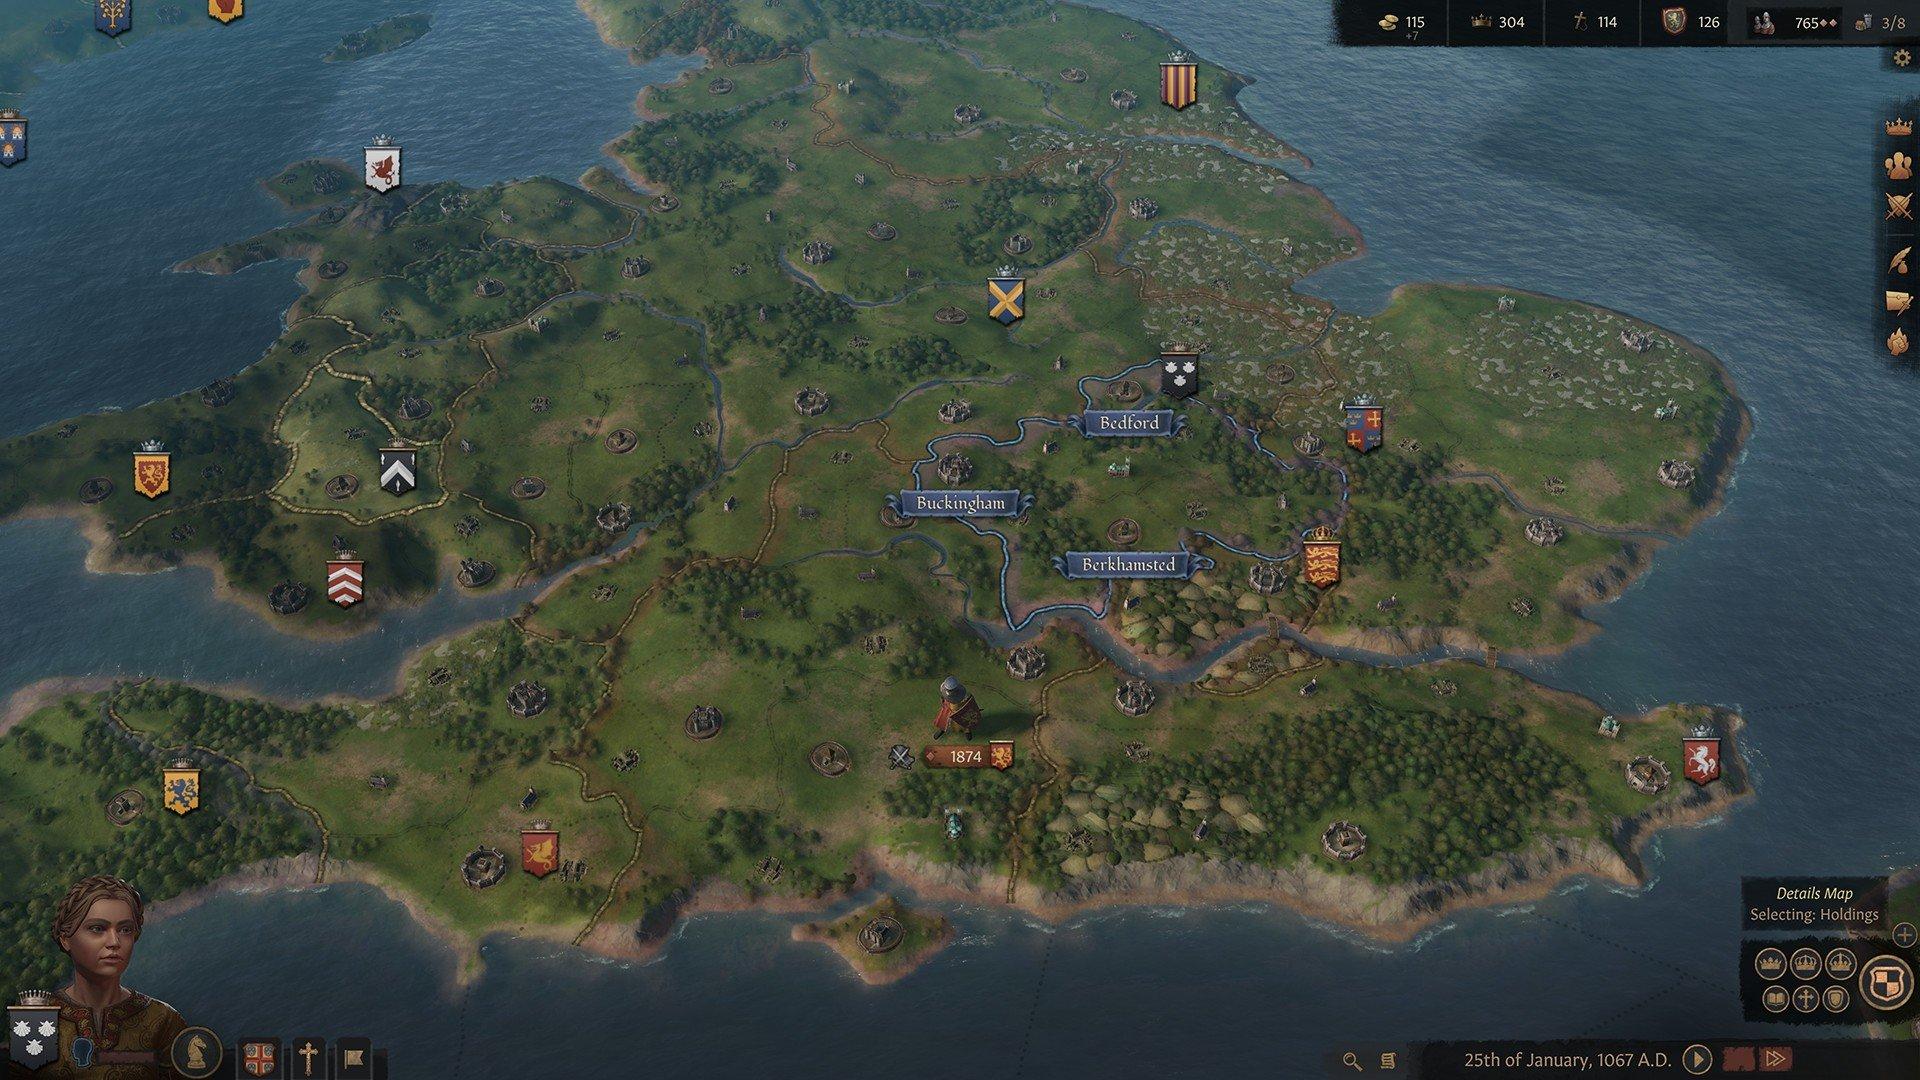 Crusader Kings 3 - обзоры и оценки игры, даты выхода DLC, трейлеры, описание